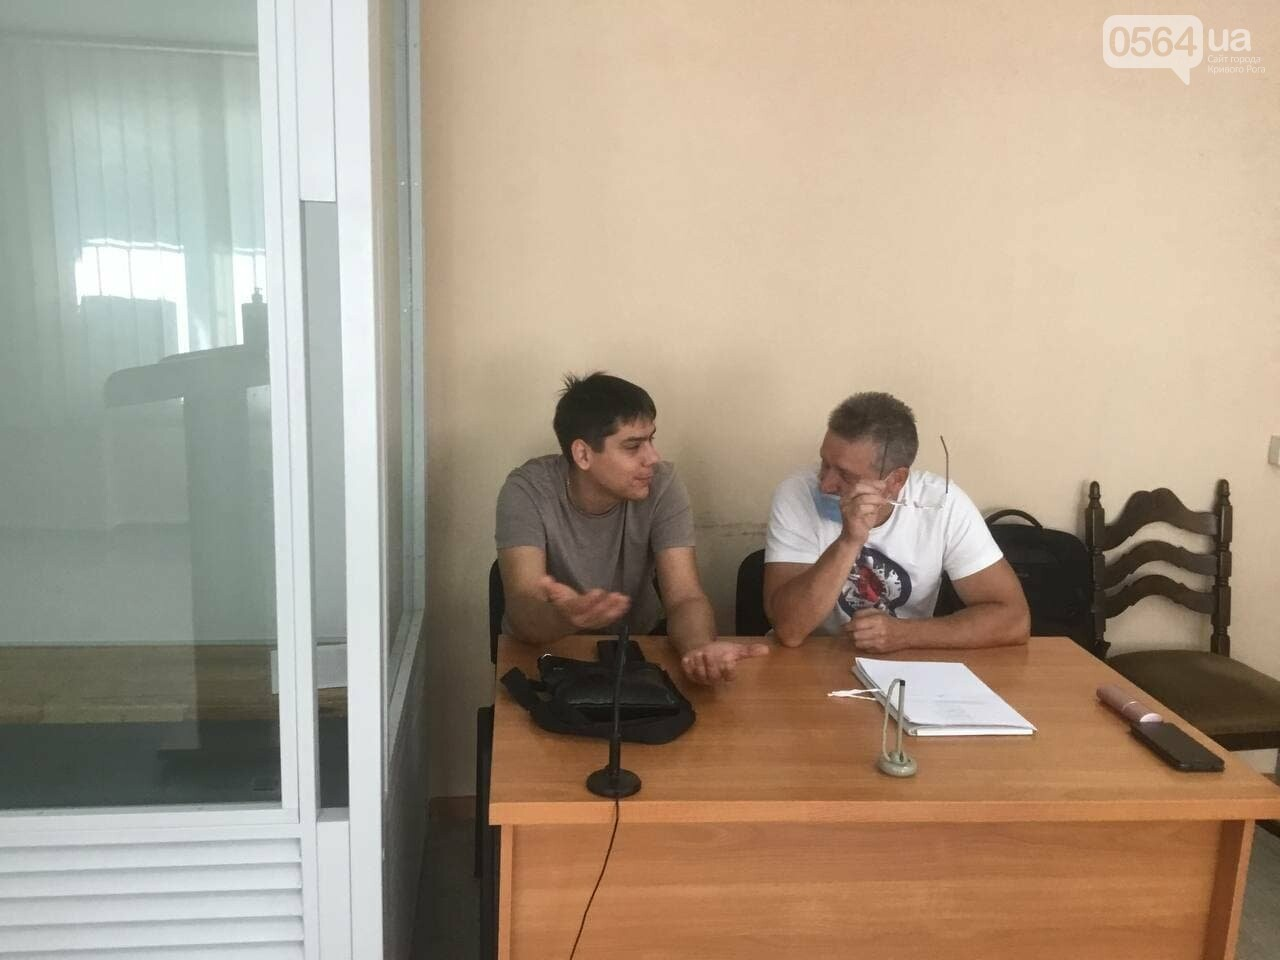 Муниципальный гвардеец против активиста: в суде заявили ходатайства о реагировании на противозаконные действия полицейских, - ФОТО, ВИДЕО, фото-3